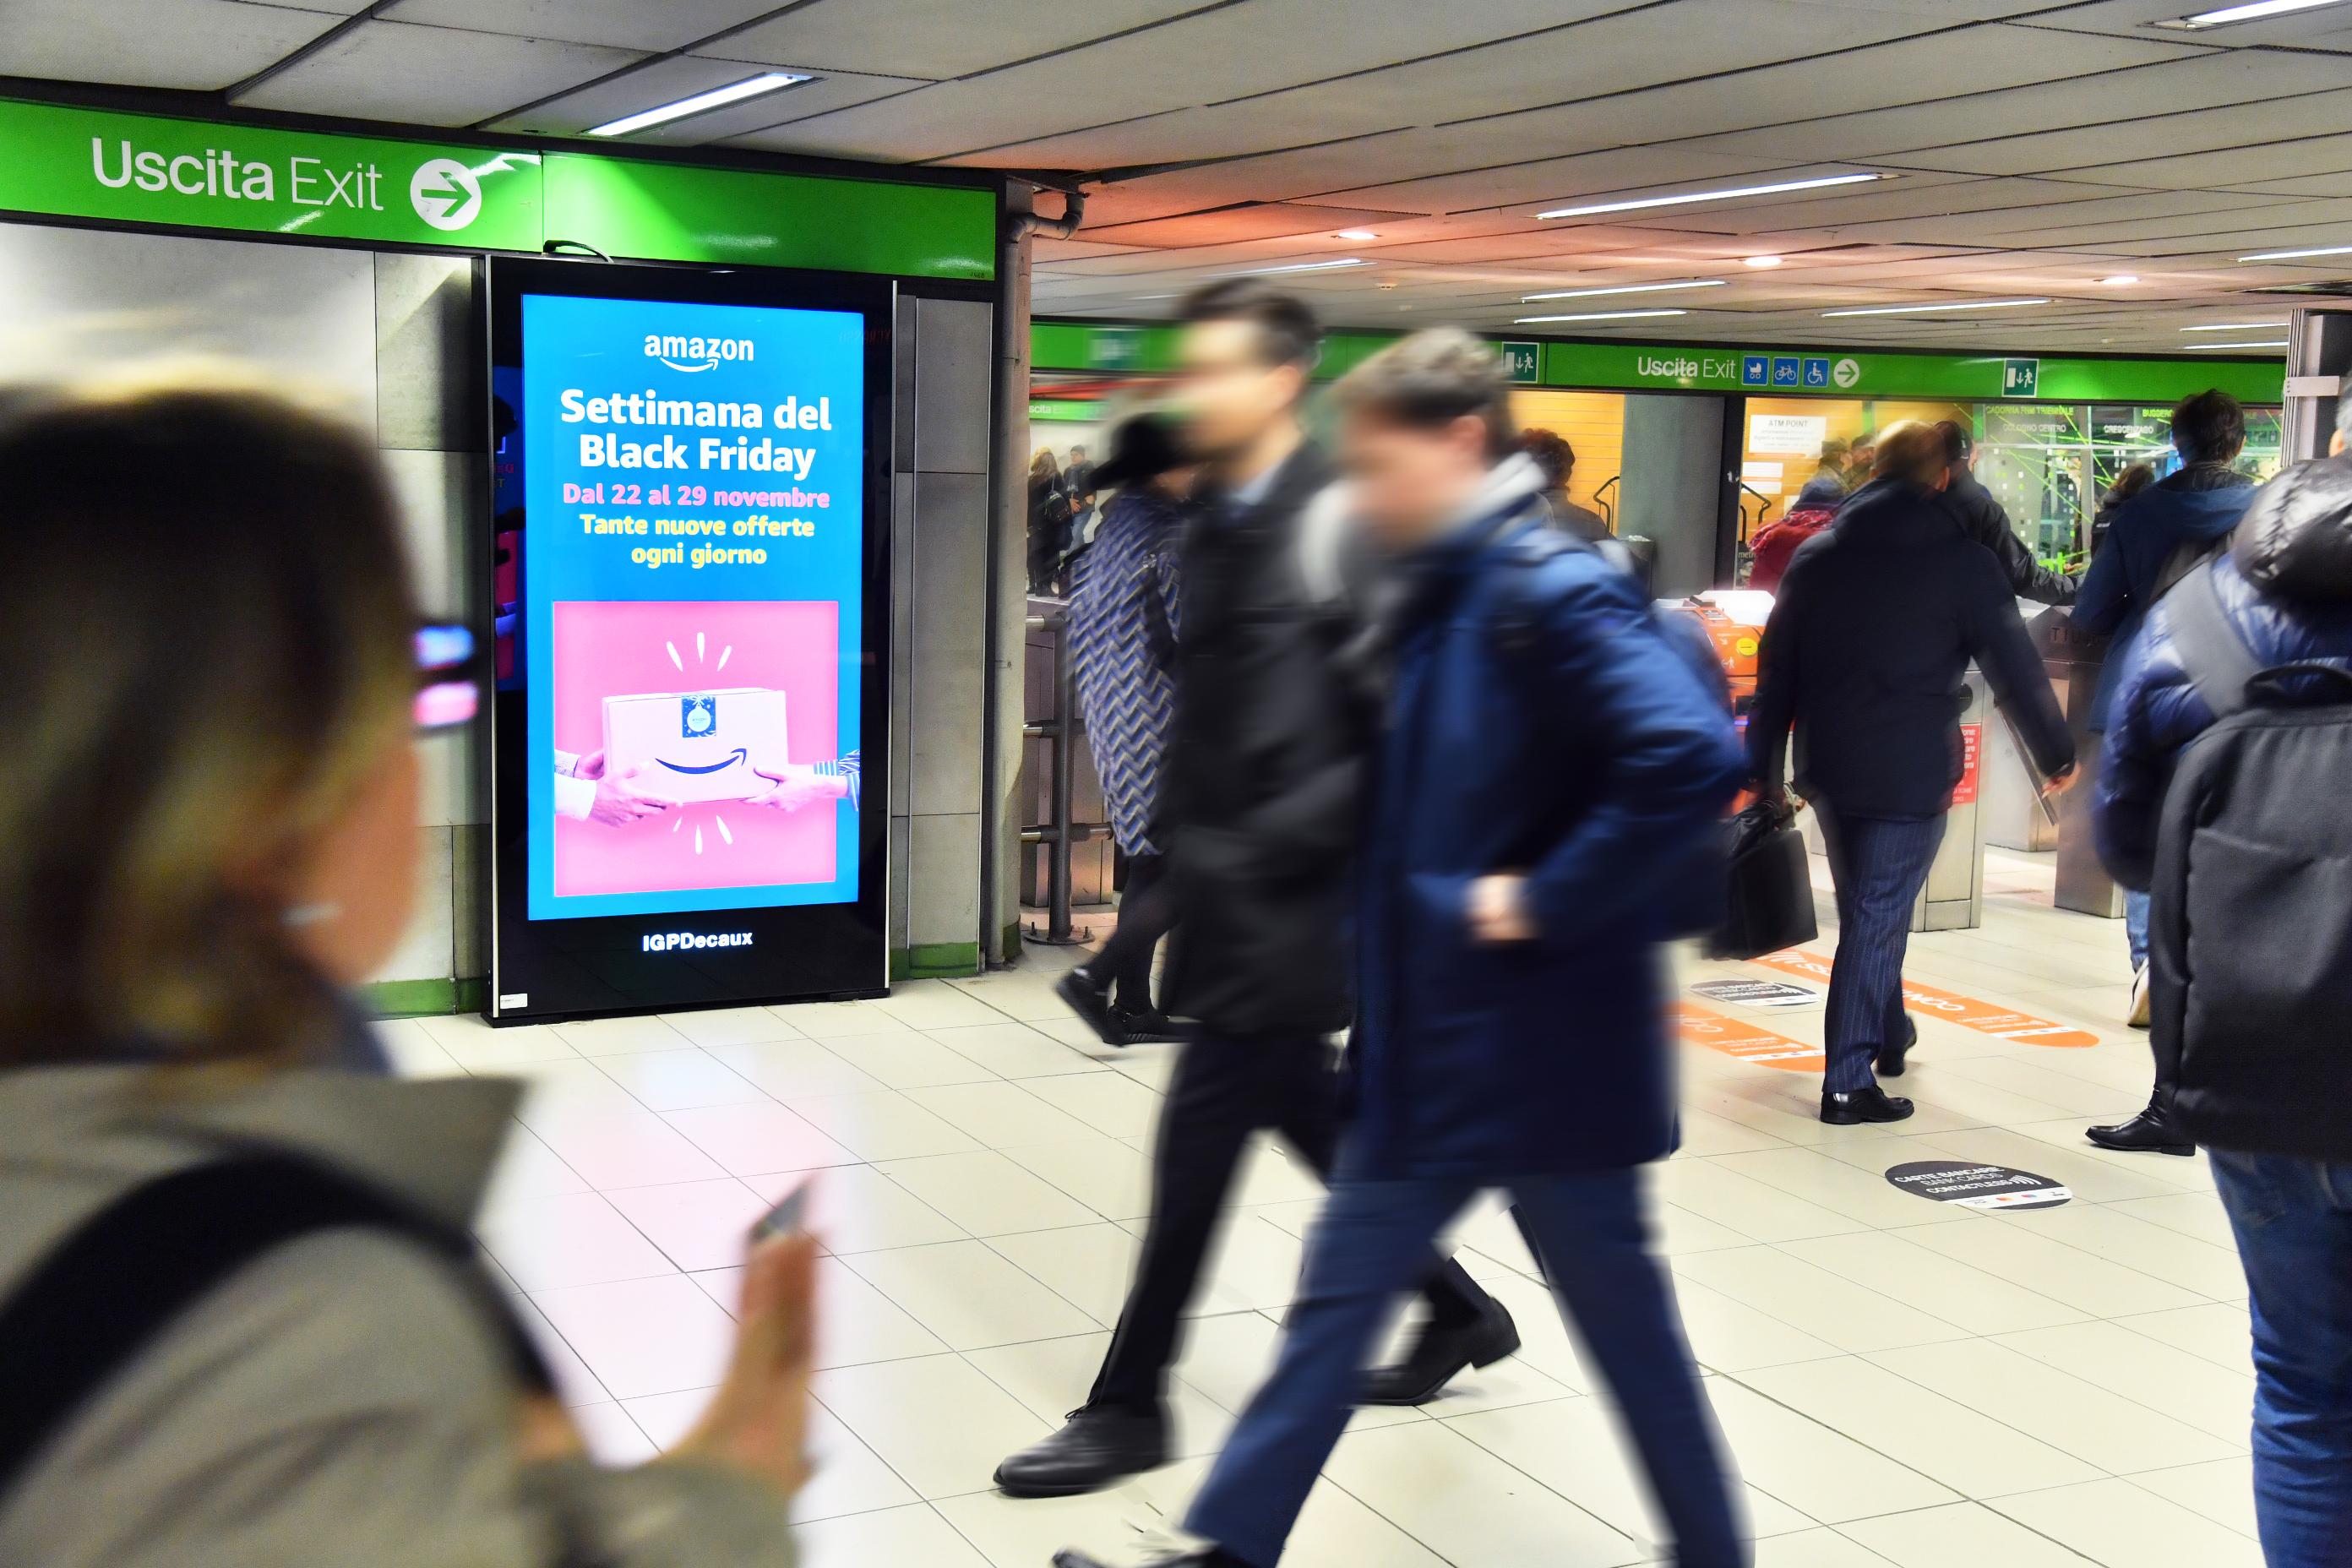 Schermi_iVision_metropolitana_Milano_IGPDecaux_Amazon